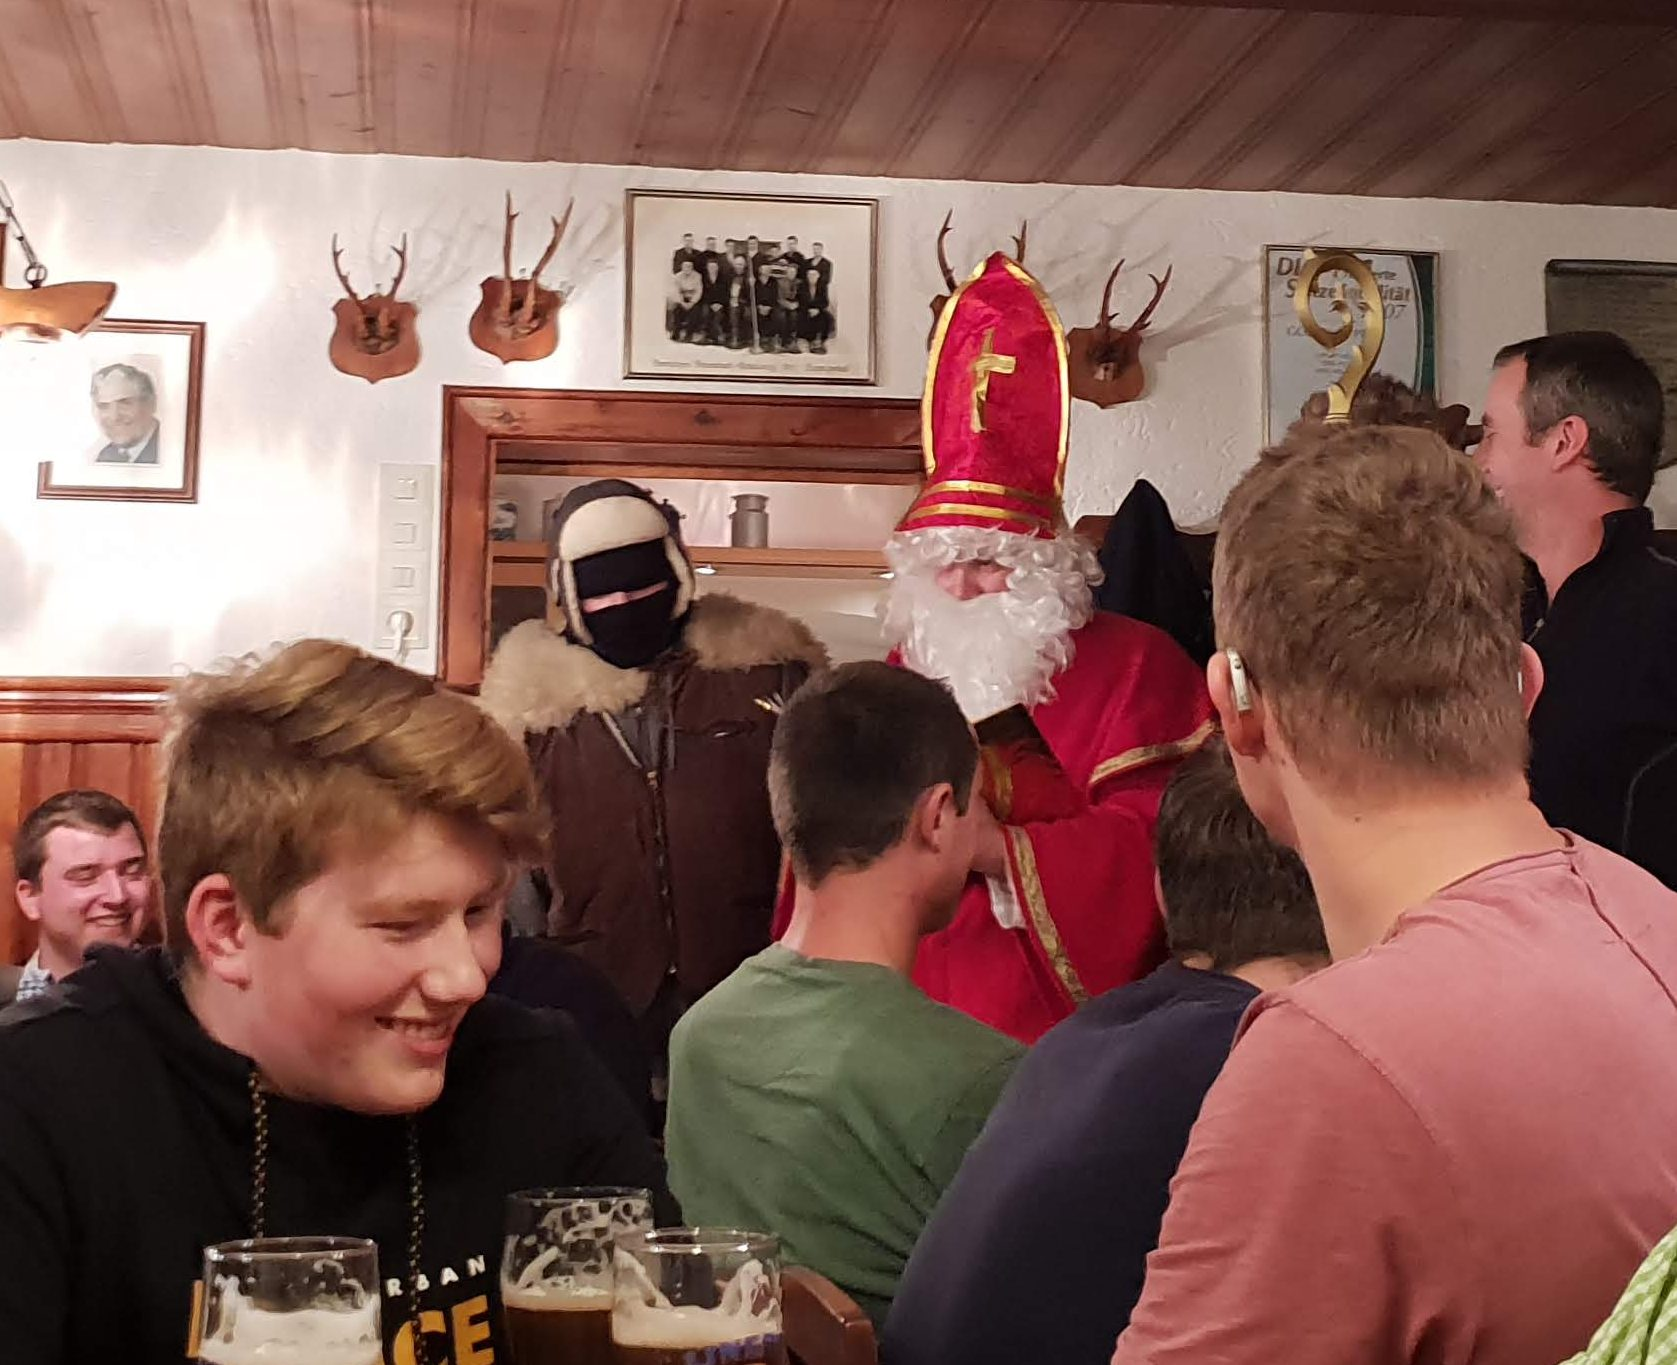 Da Nikolaus bei unserer Weihnachtsfeier